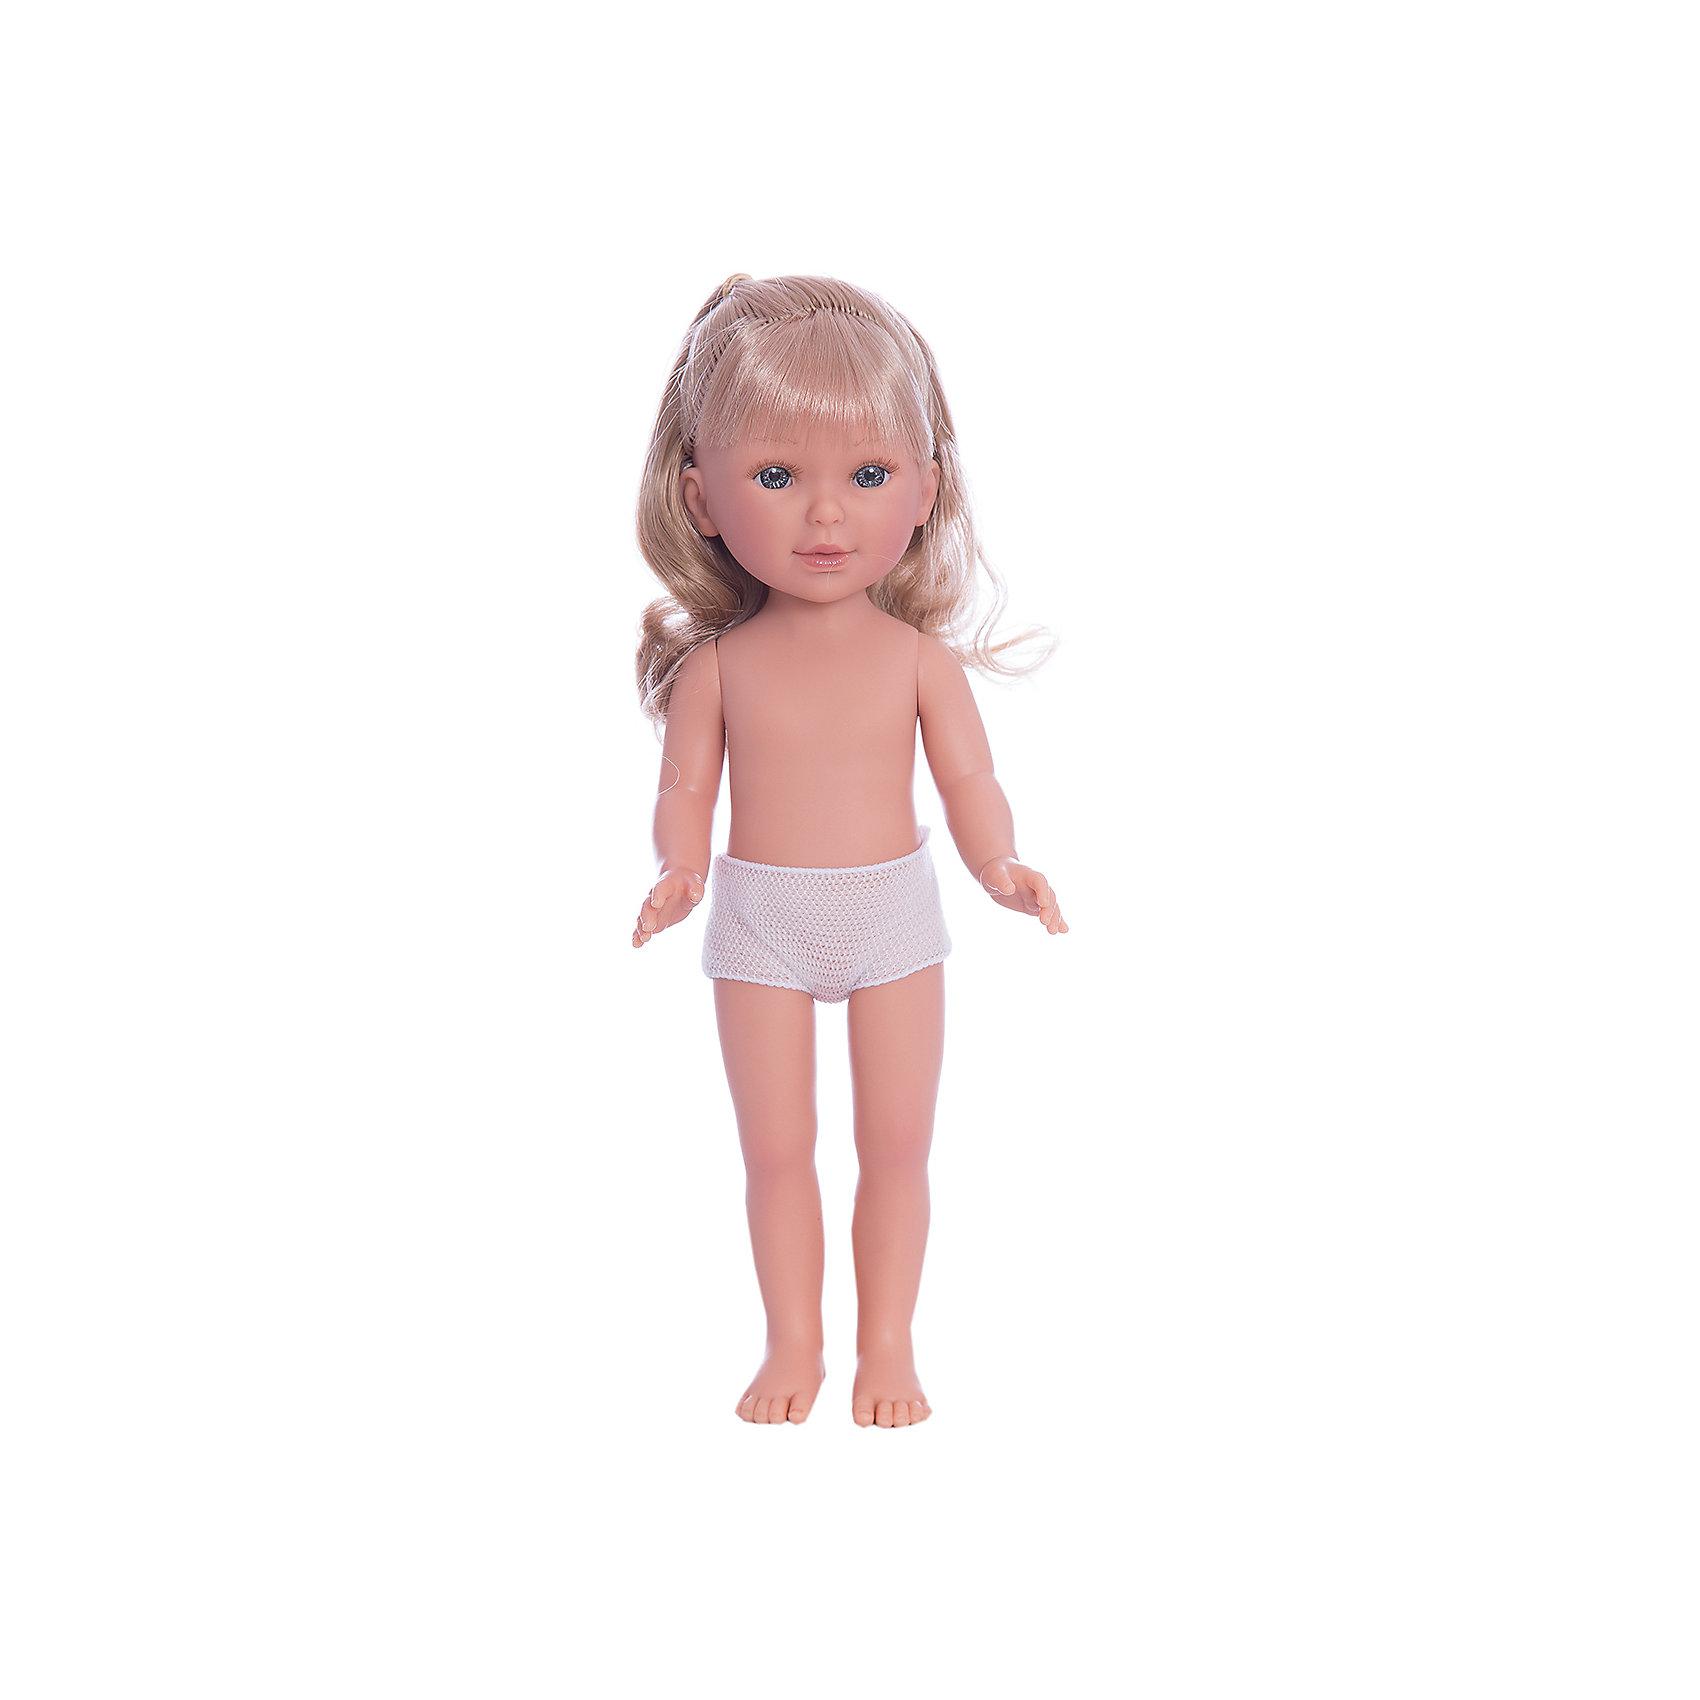 Кукла Паулина, блондинка волнистые волосы, Vestida de AzulБренды кукол<br>Характеристики товара:<br><br>• возраст: от 3 лет;<br>• материал: винил;<br>• в комплекте: кукла;<br>• высота куклы: 33 см;<br>• размер упаковки: 35х14х7 см;<br>• вес упаковки: 370 гр.;<br>• страна производитель: Испания.<br><br>Кукла Паулина блондинка волнистые волосы Vestida de Azul станет отличным подарком для девочки, которая любит наряжать куколок и придумывать им стильные образы. У Паулины милое личико с большими живыми глазками, длинными ресницами и щечками с легким румянцем. Мягкие волнистые волосы куклы очень похожи на натуральные. Девочка сможет расчесывать их, укладывать, заплетать, придумывая кукле разнообразные прически. У куклы подвижные руки, ноги и голова.<br><br>Куклу Паулину блондинка волнистые волосы Vestida de Azul можно приобрести в нашем интернет-магазине.<br><br>Ширина мм: 350<br>Глубина мм: 120<br>Высота мм: 80<br>Вес г: 700<br>Возраст от месяцев: 36<br>Возраст до месяцев: 2147483647<br>Пол: Женский<br>Возраст: Детский<br>SKU: 6844314